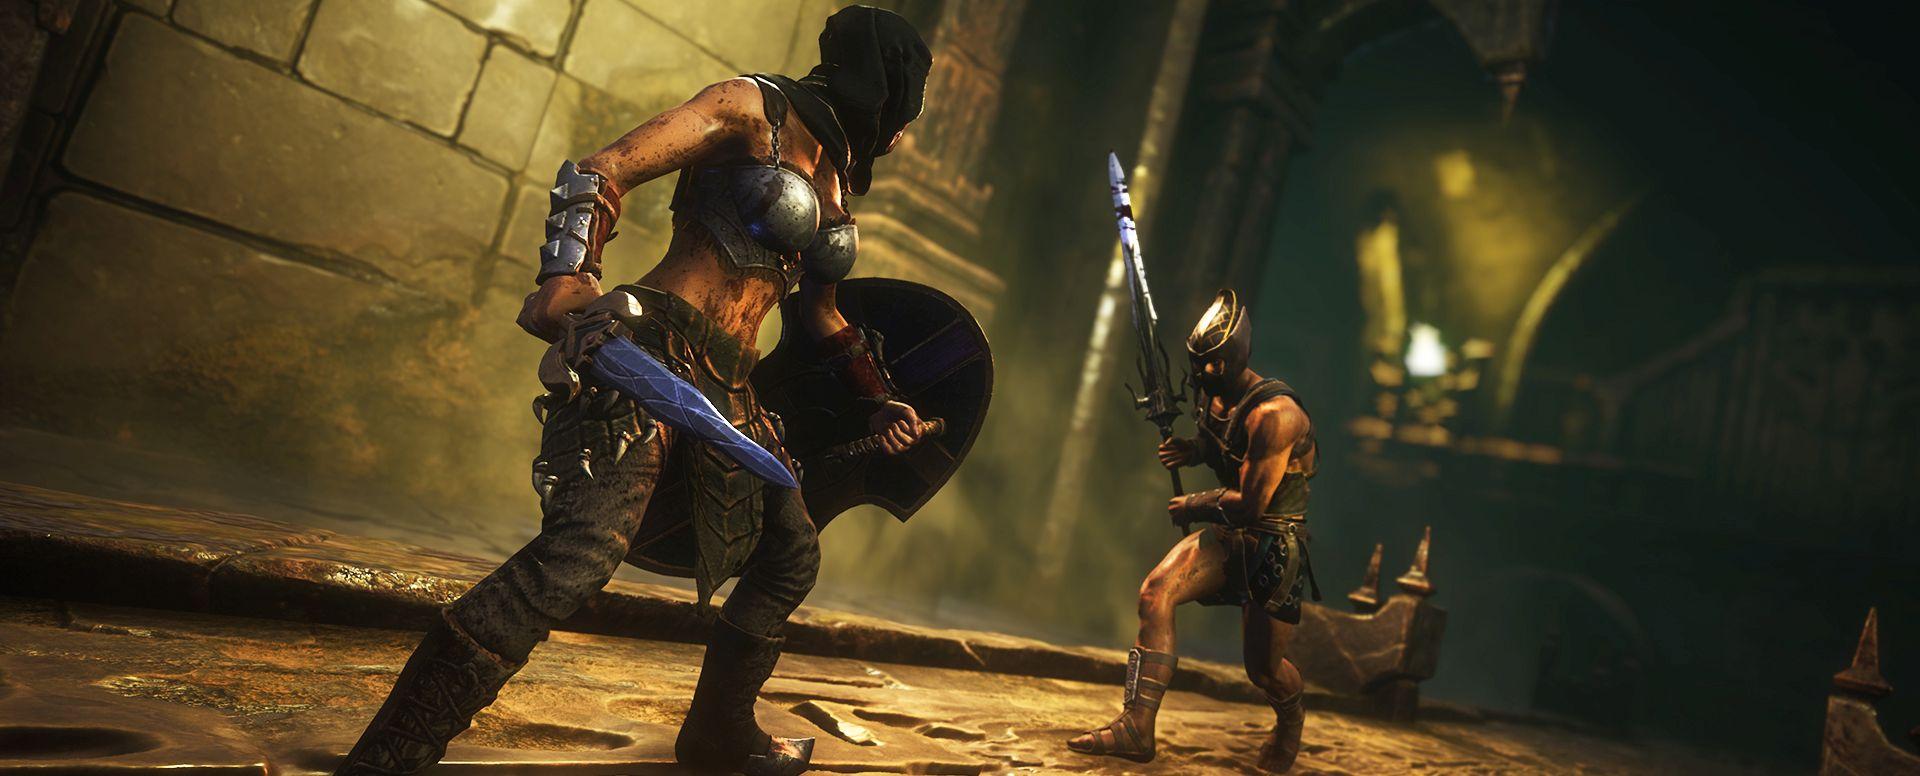 Conan Exiles PvP 1 gegen 1 SpielerTitel Cut